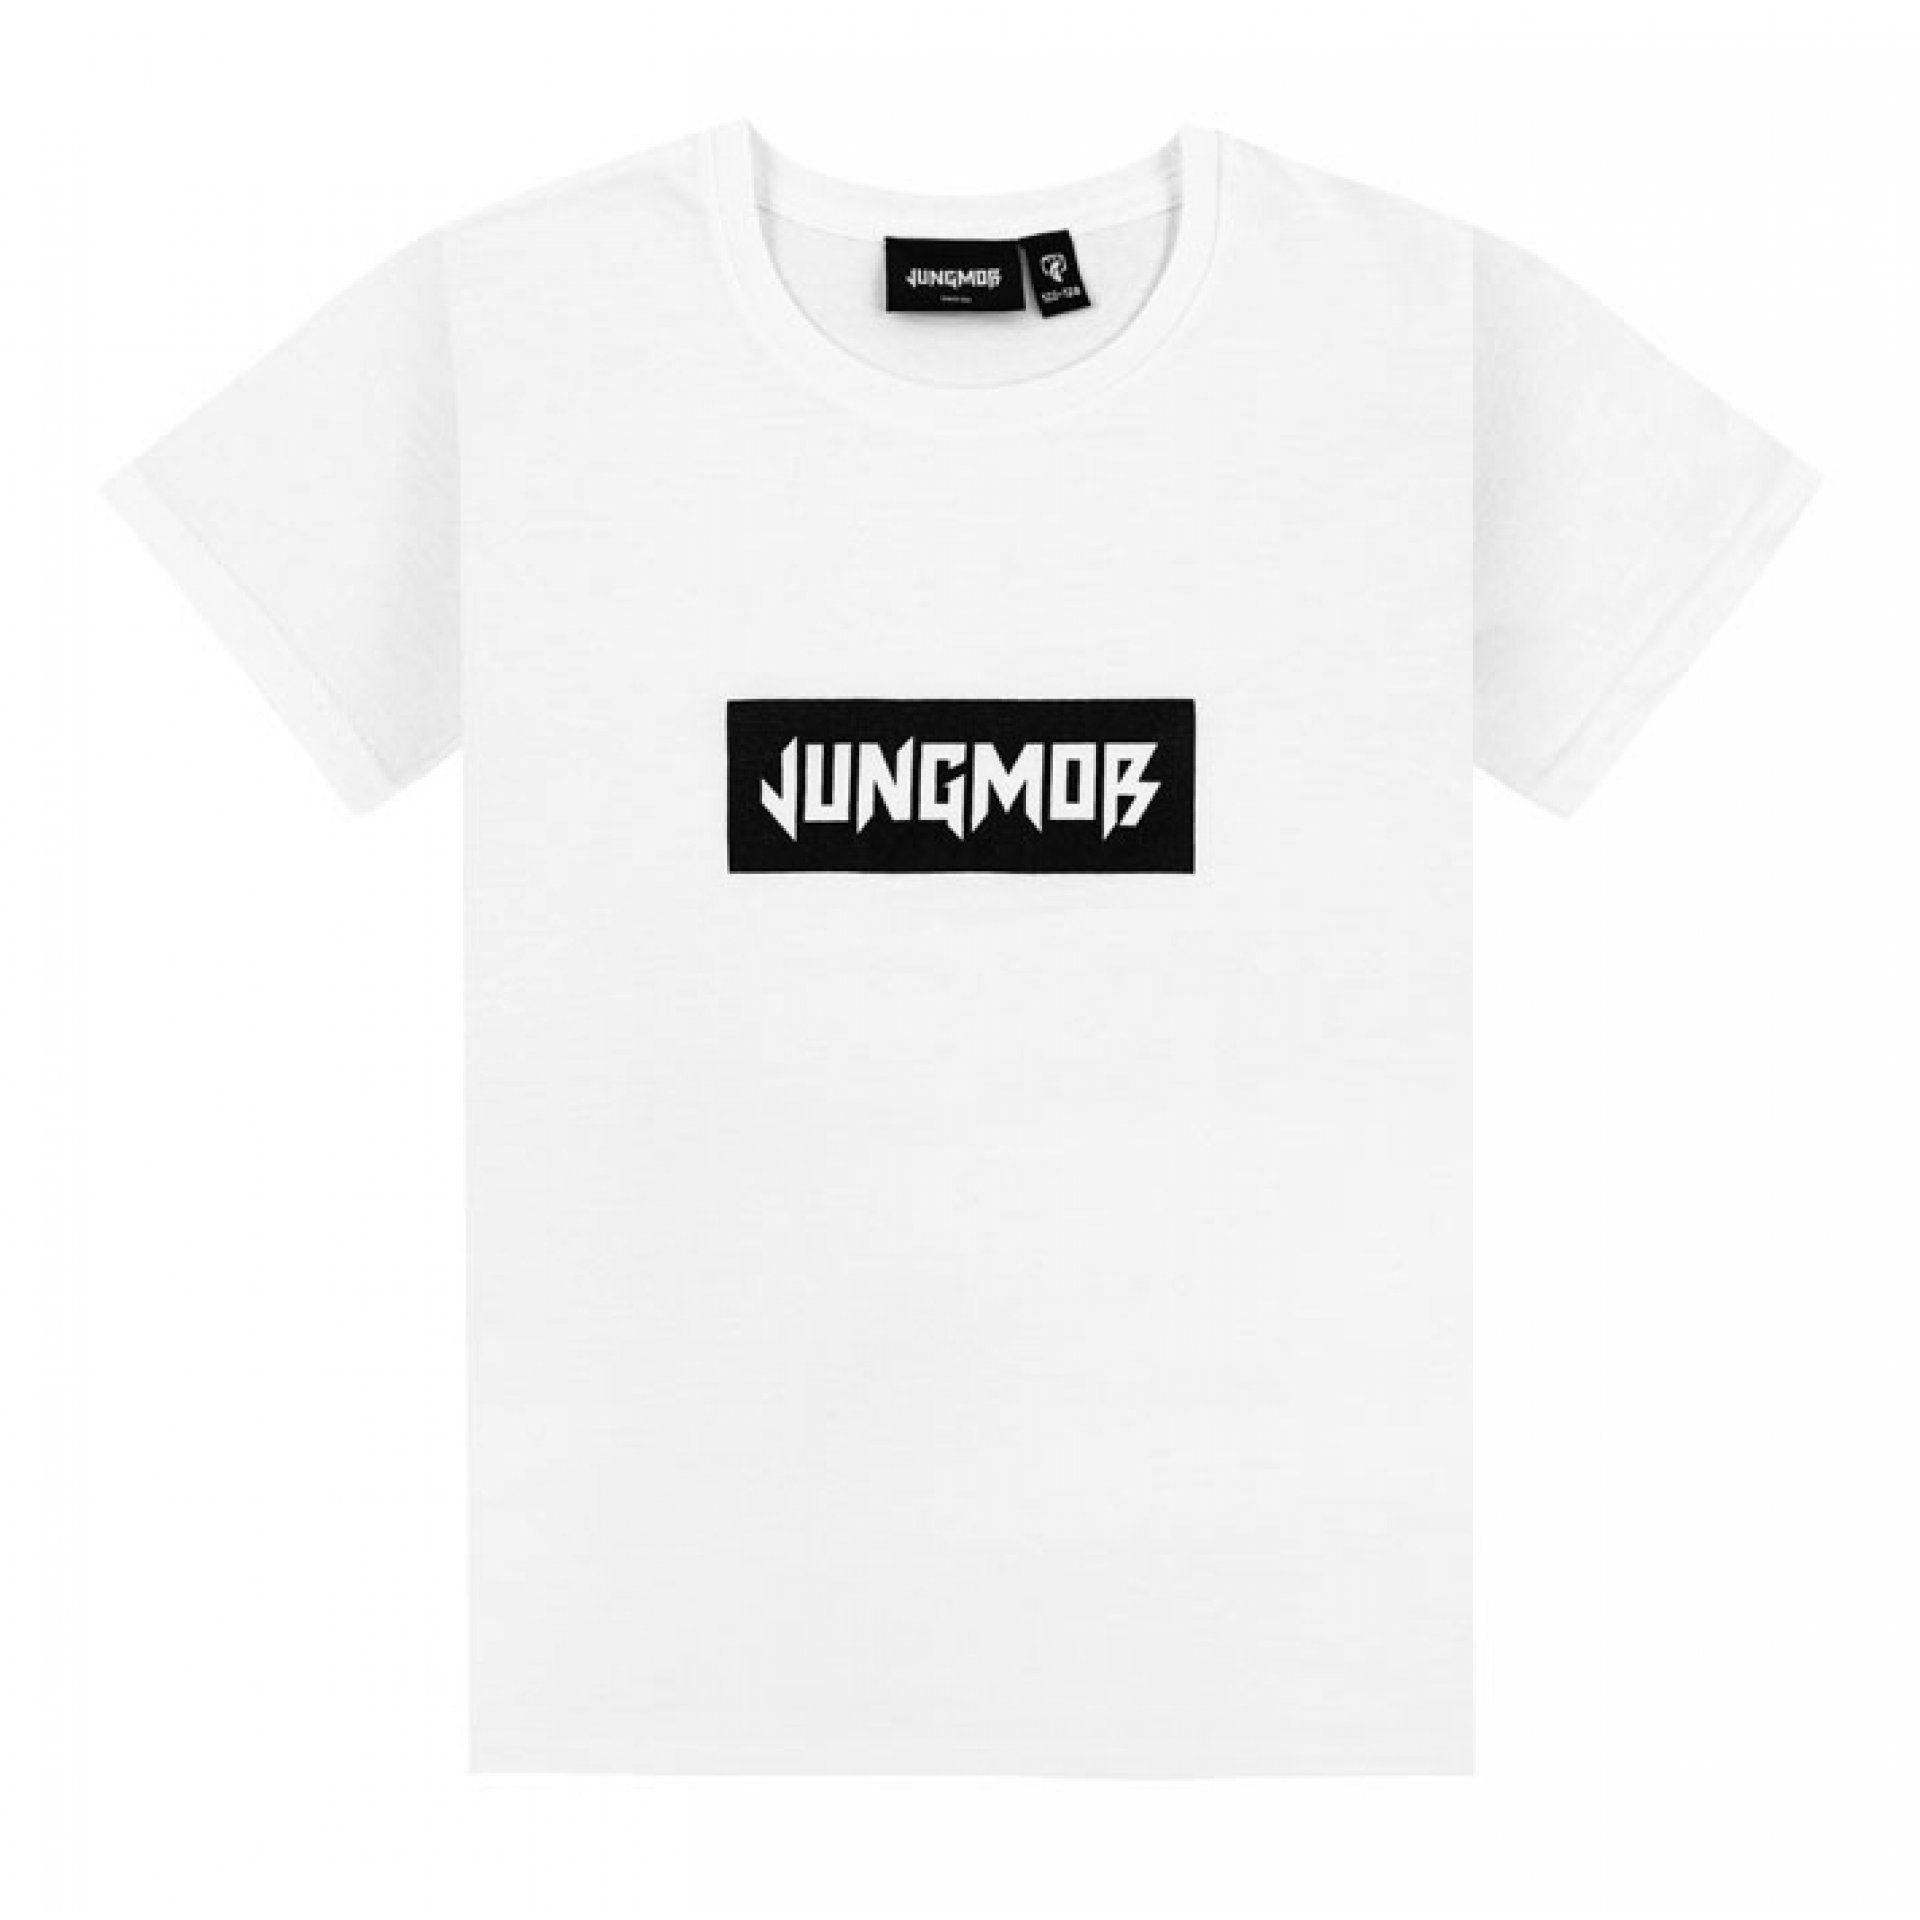 KOSZULKA JUNGMOB BASIC WHITE